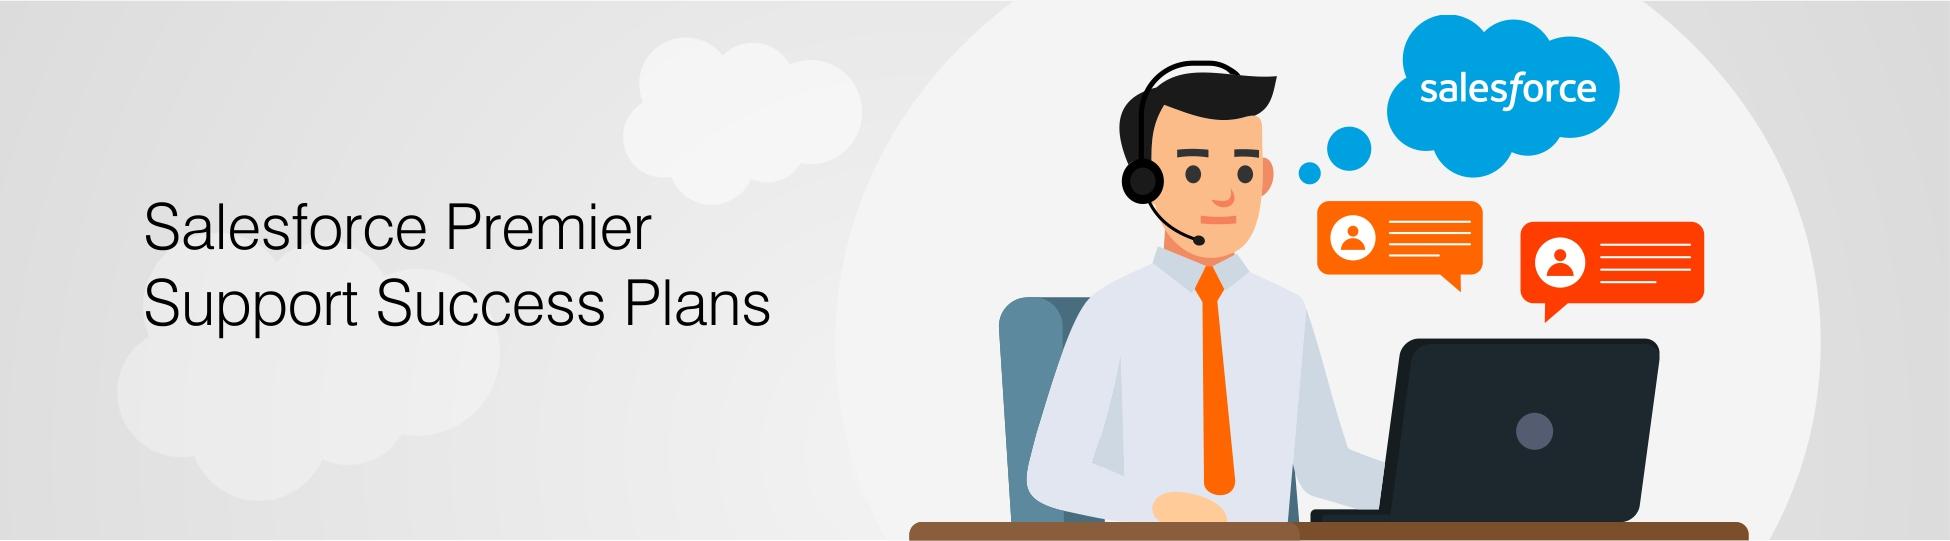 Salesforce Premier Support Success Plans